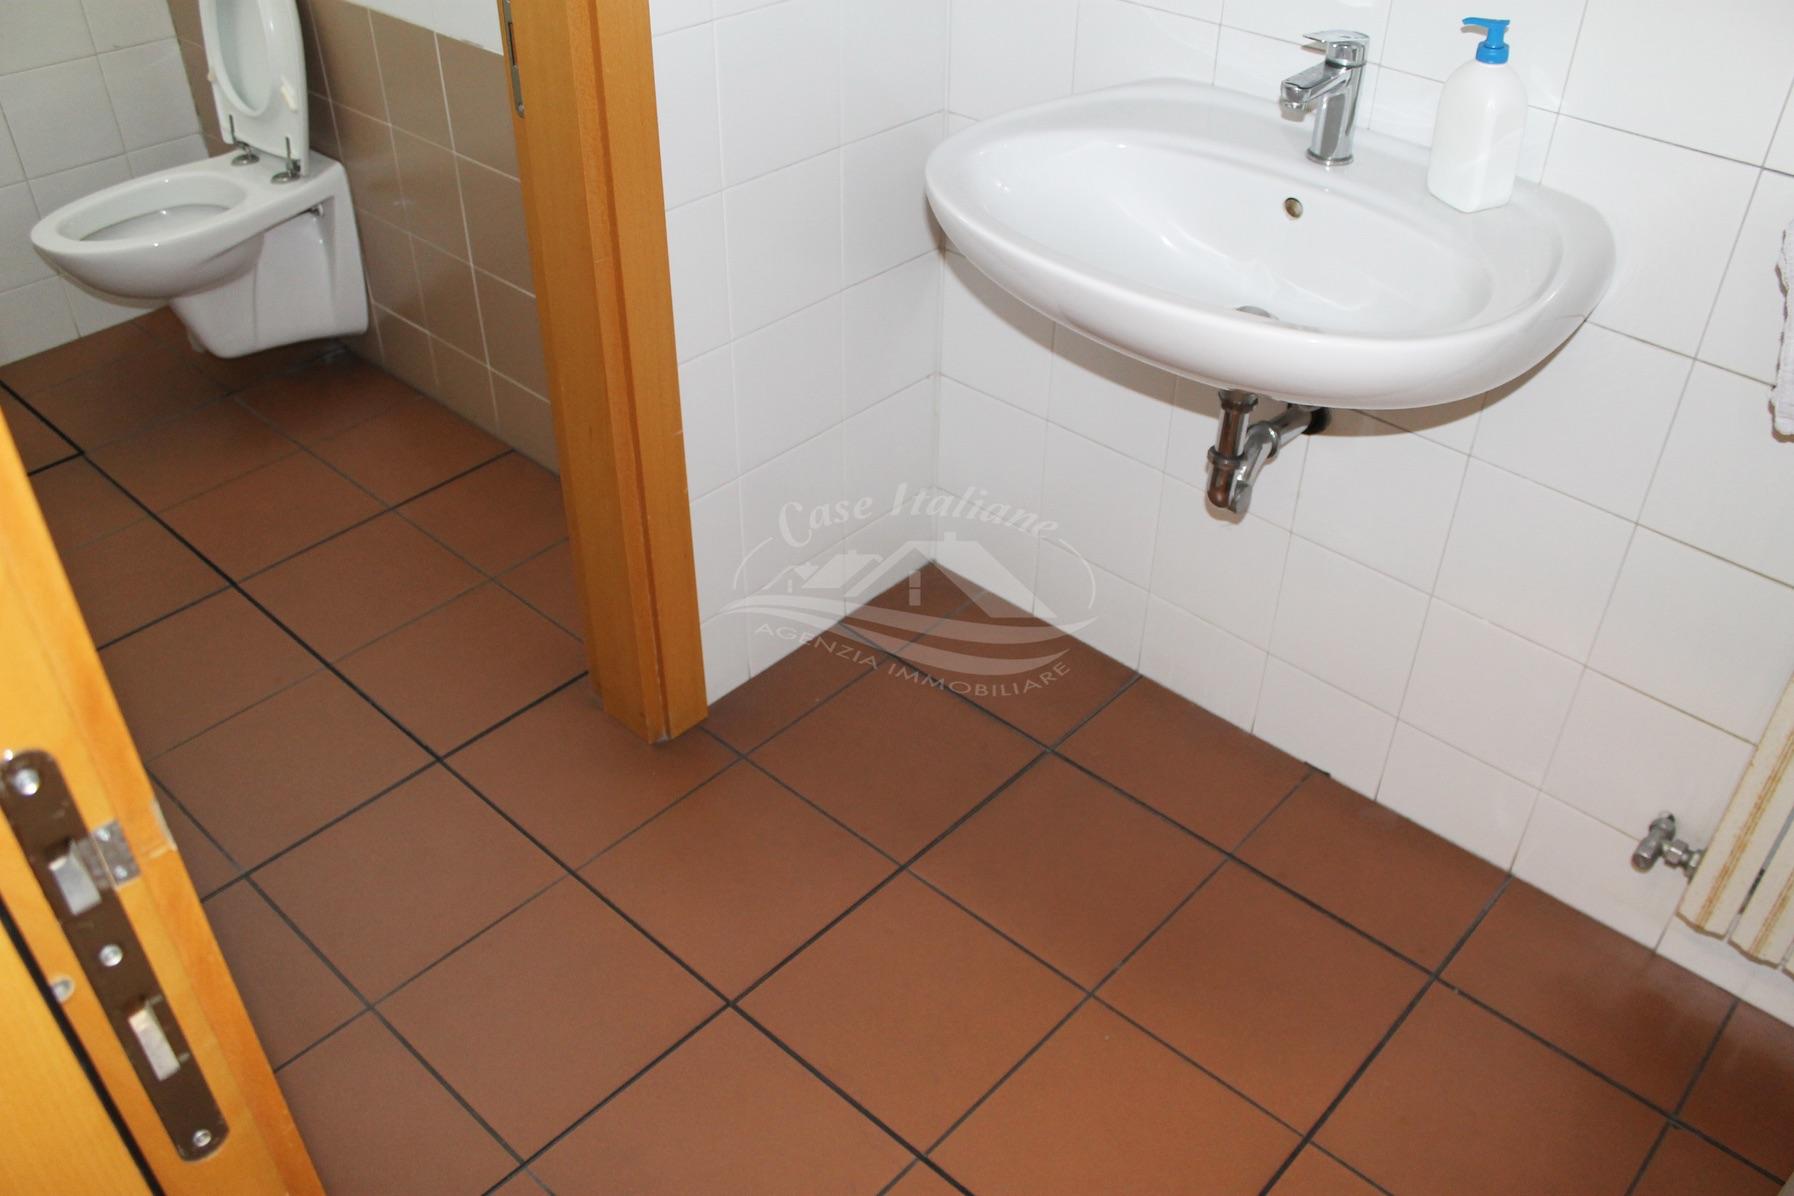 Img 8815 case italiane agenzia immobiliare cant for Case italiane immobiliare